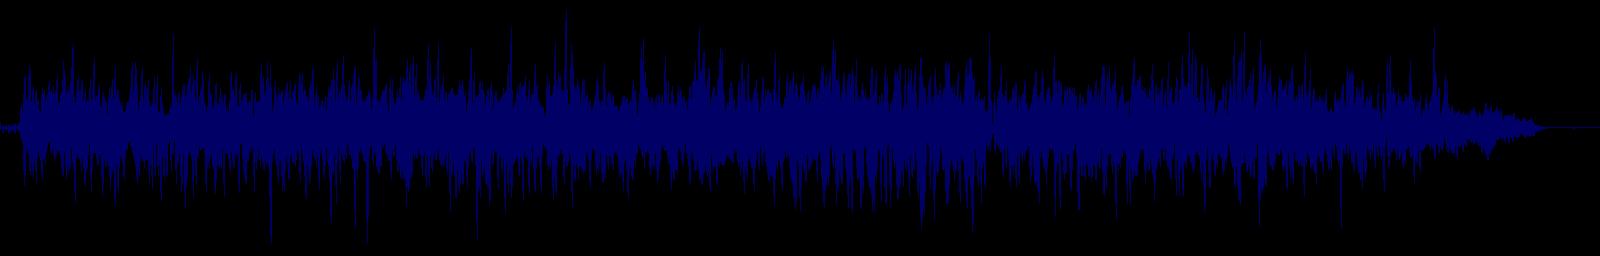 waveform of track #149668